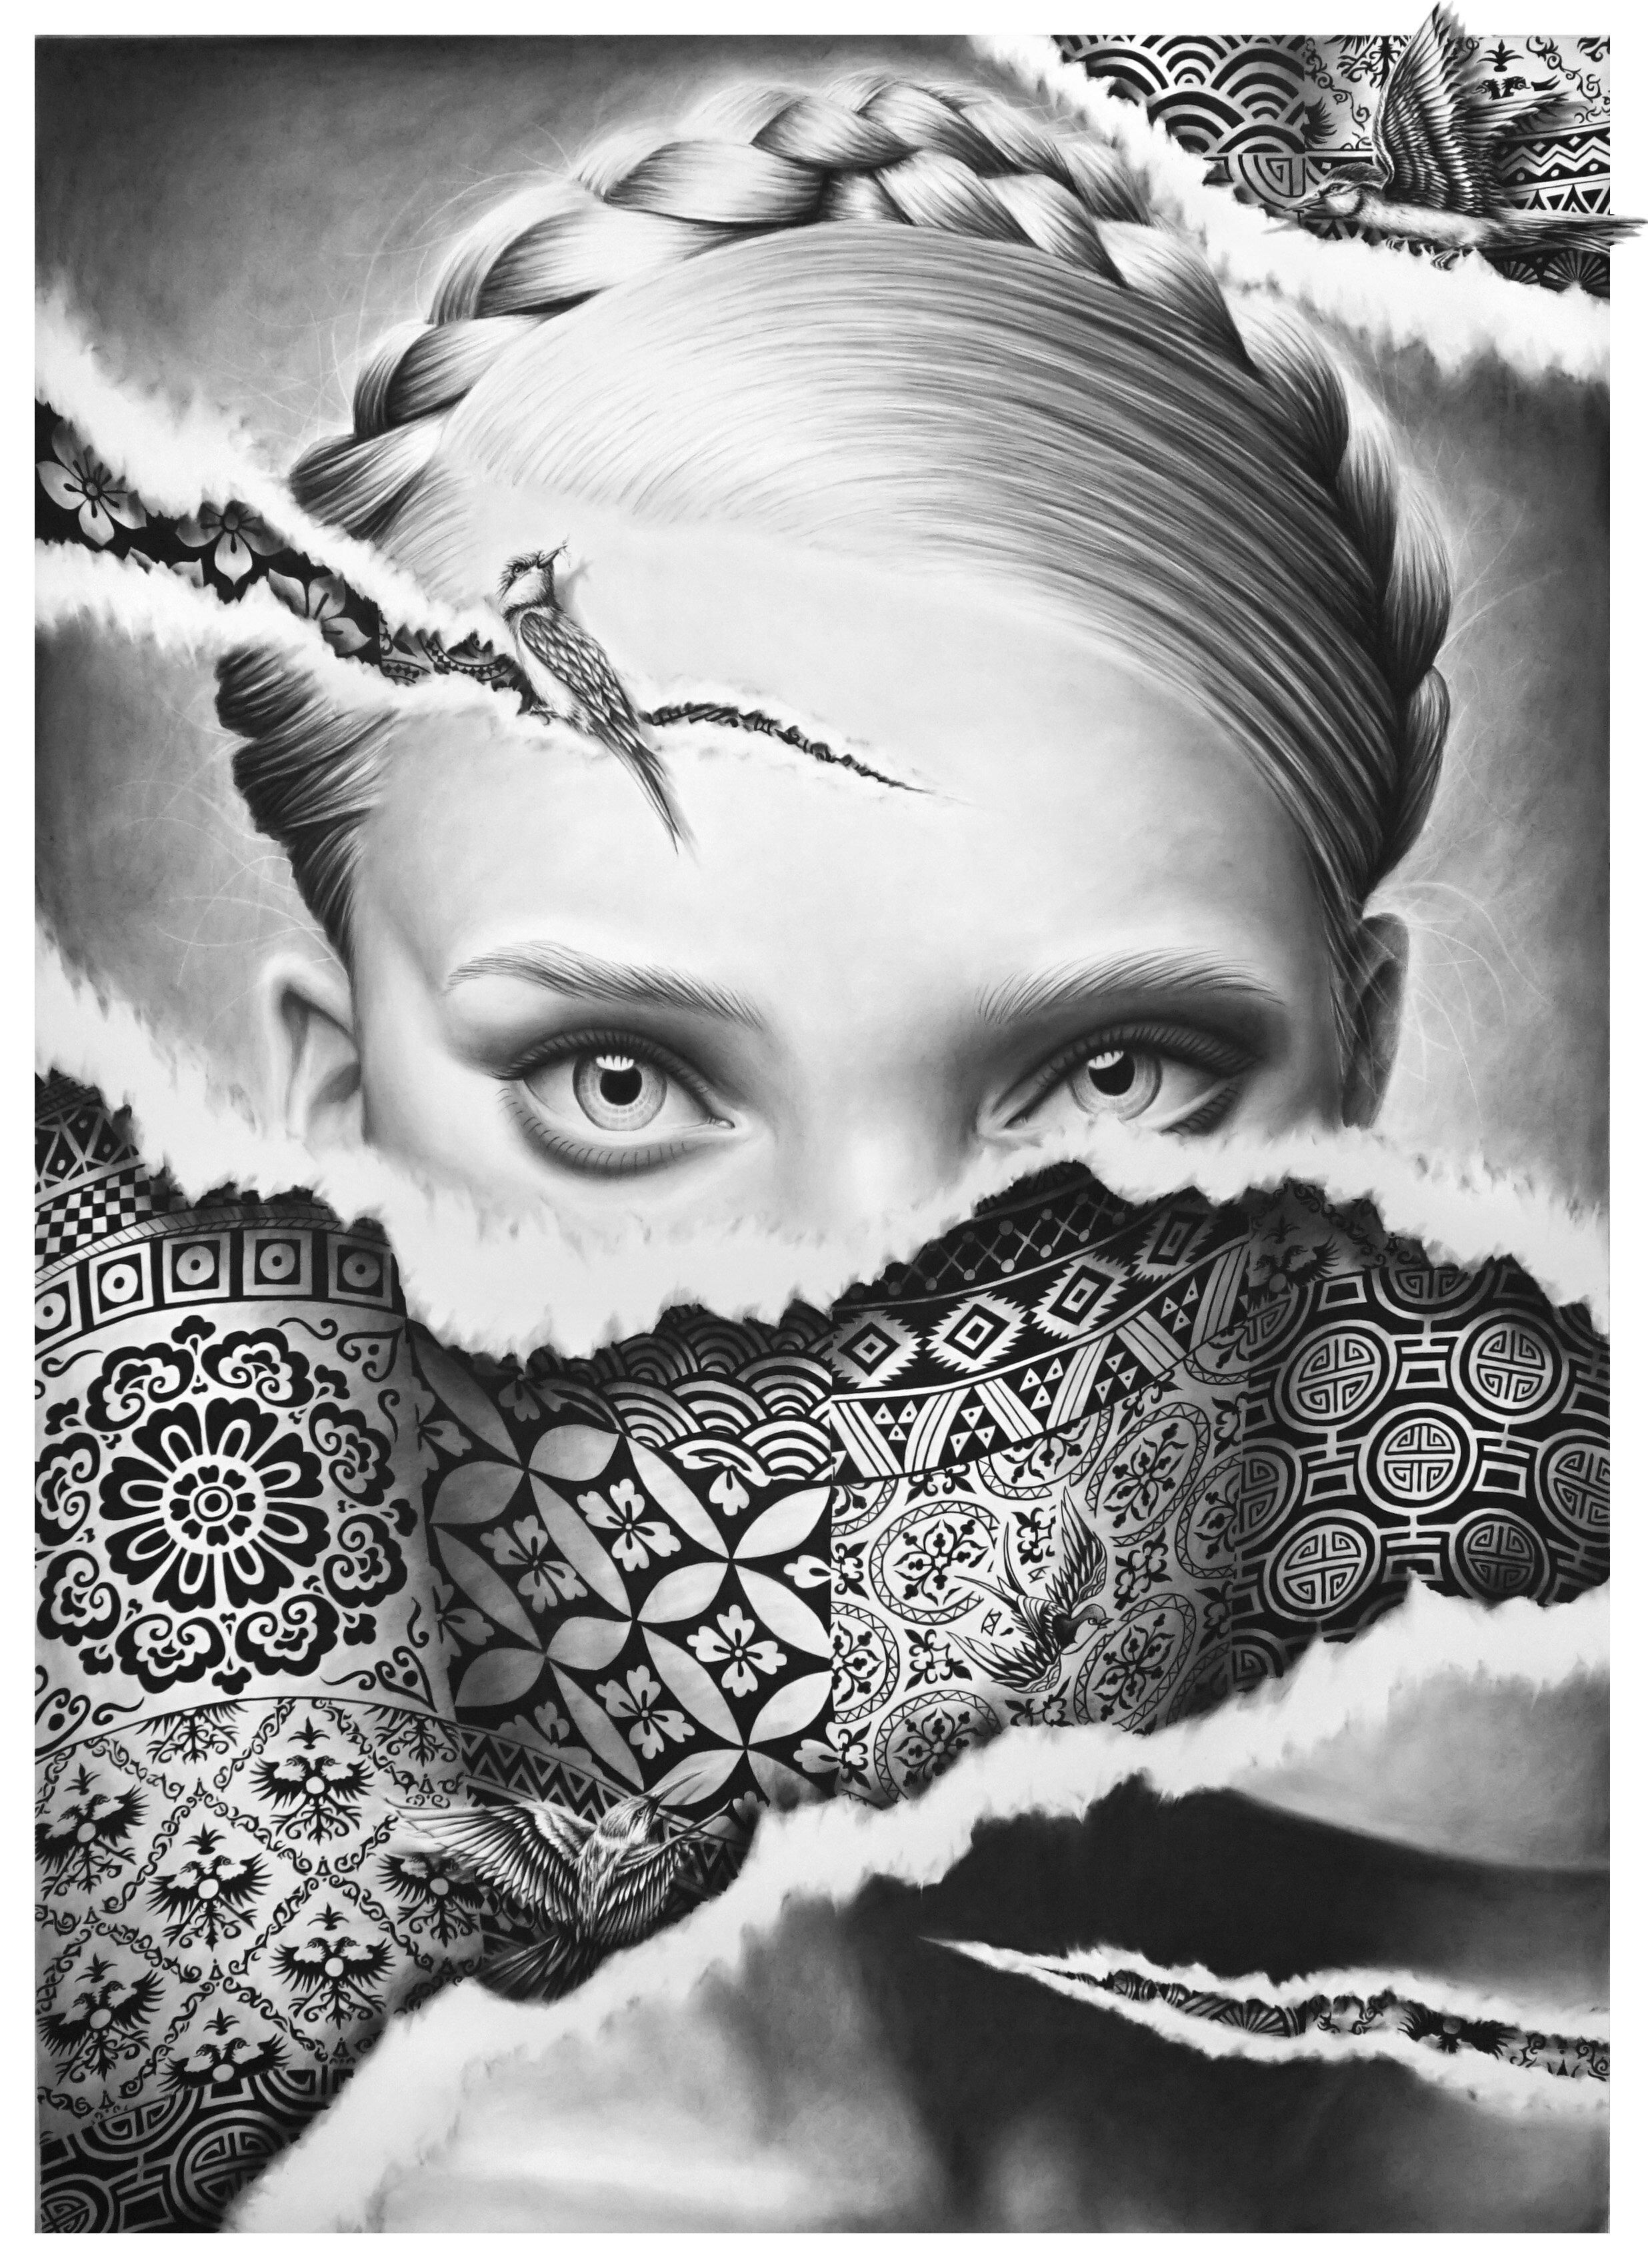 Les yeux du silence - Crayon pierre noire et fusain sur papier Canson Moulin du Roy - 150x110cm.jpg